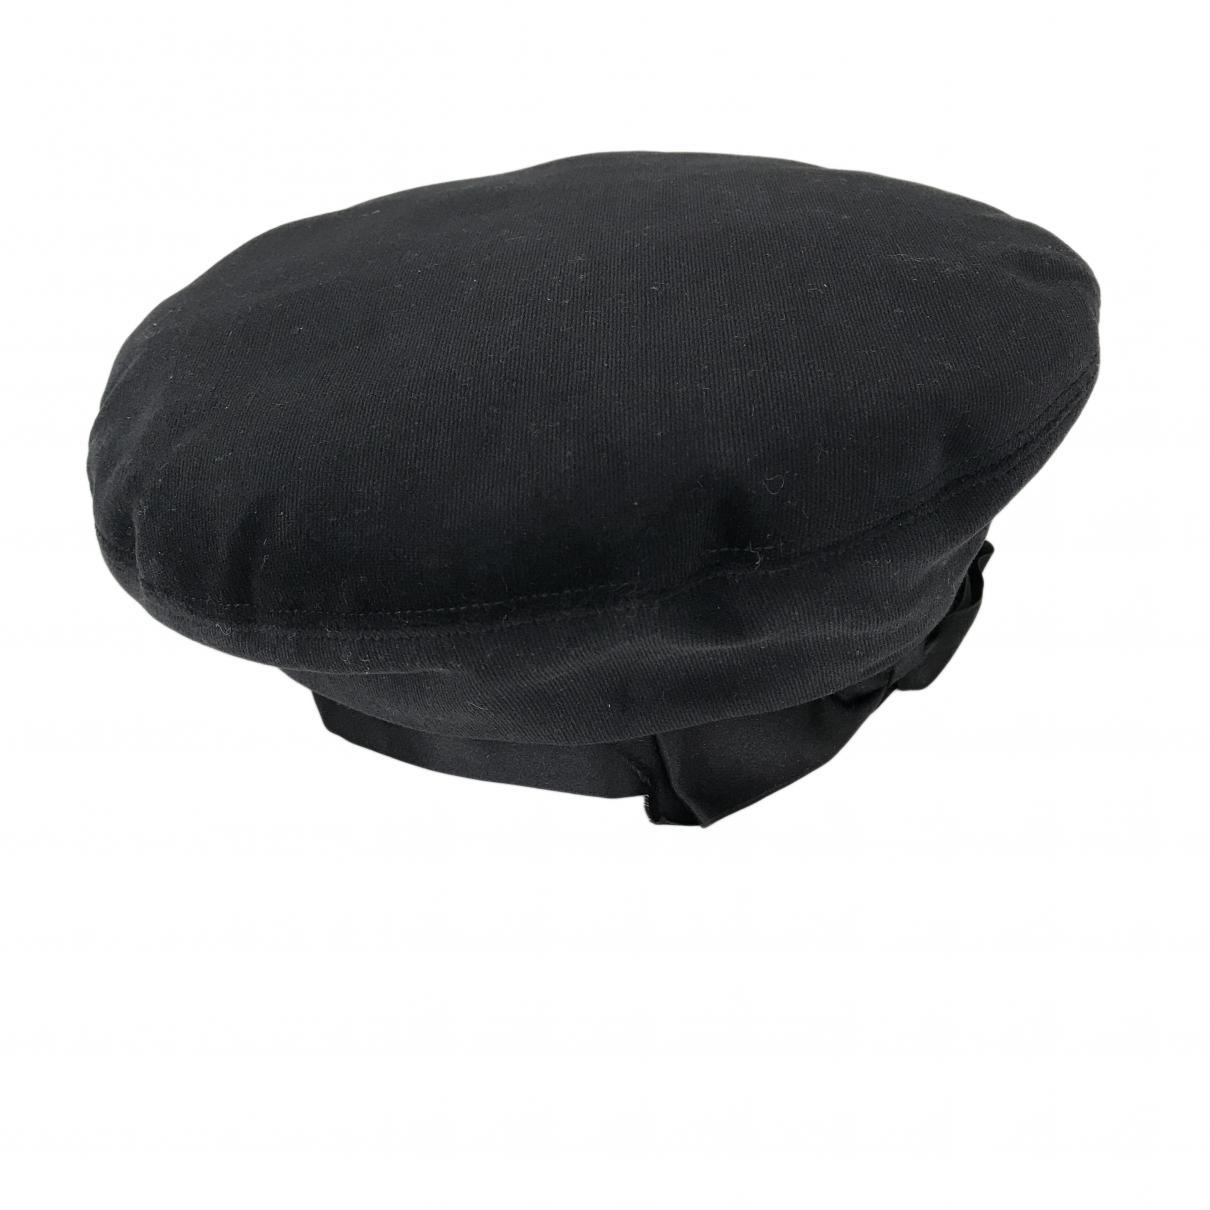 352f383df3fea Chanel Black Wool Hats in Black - Lyst